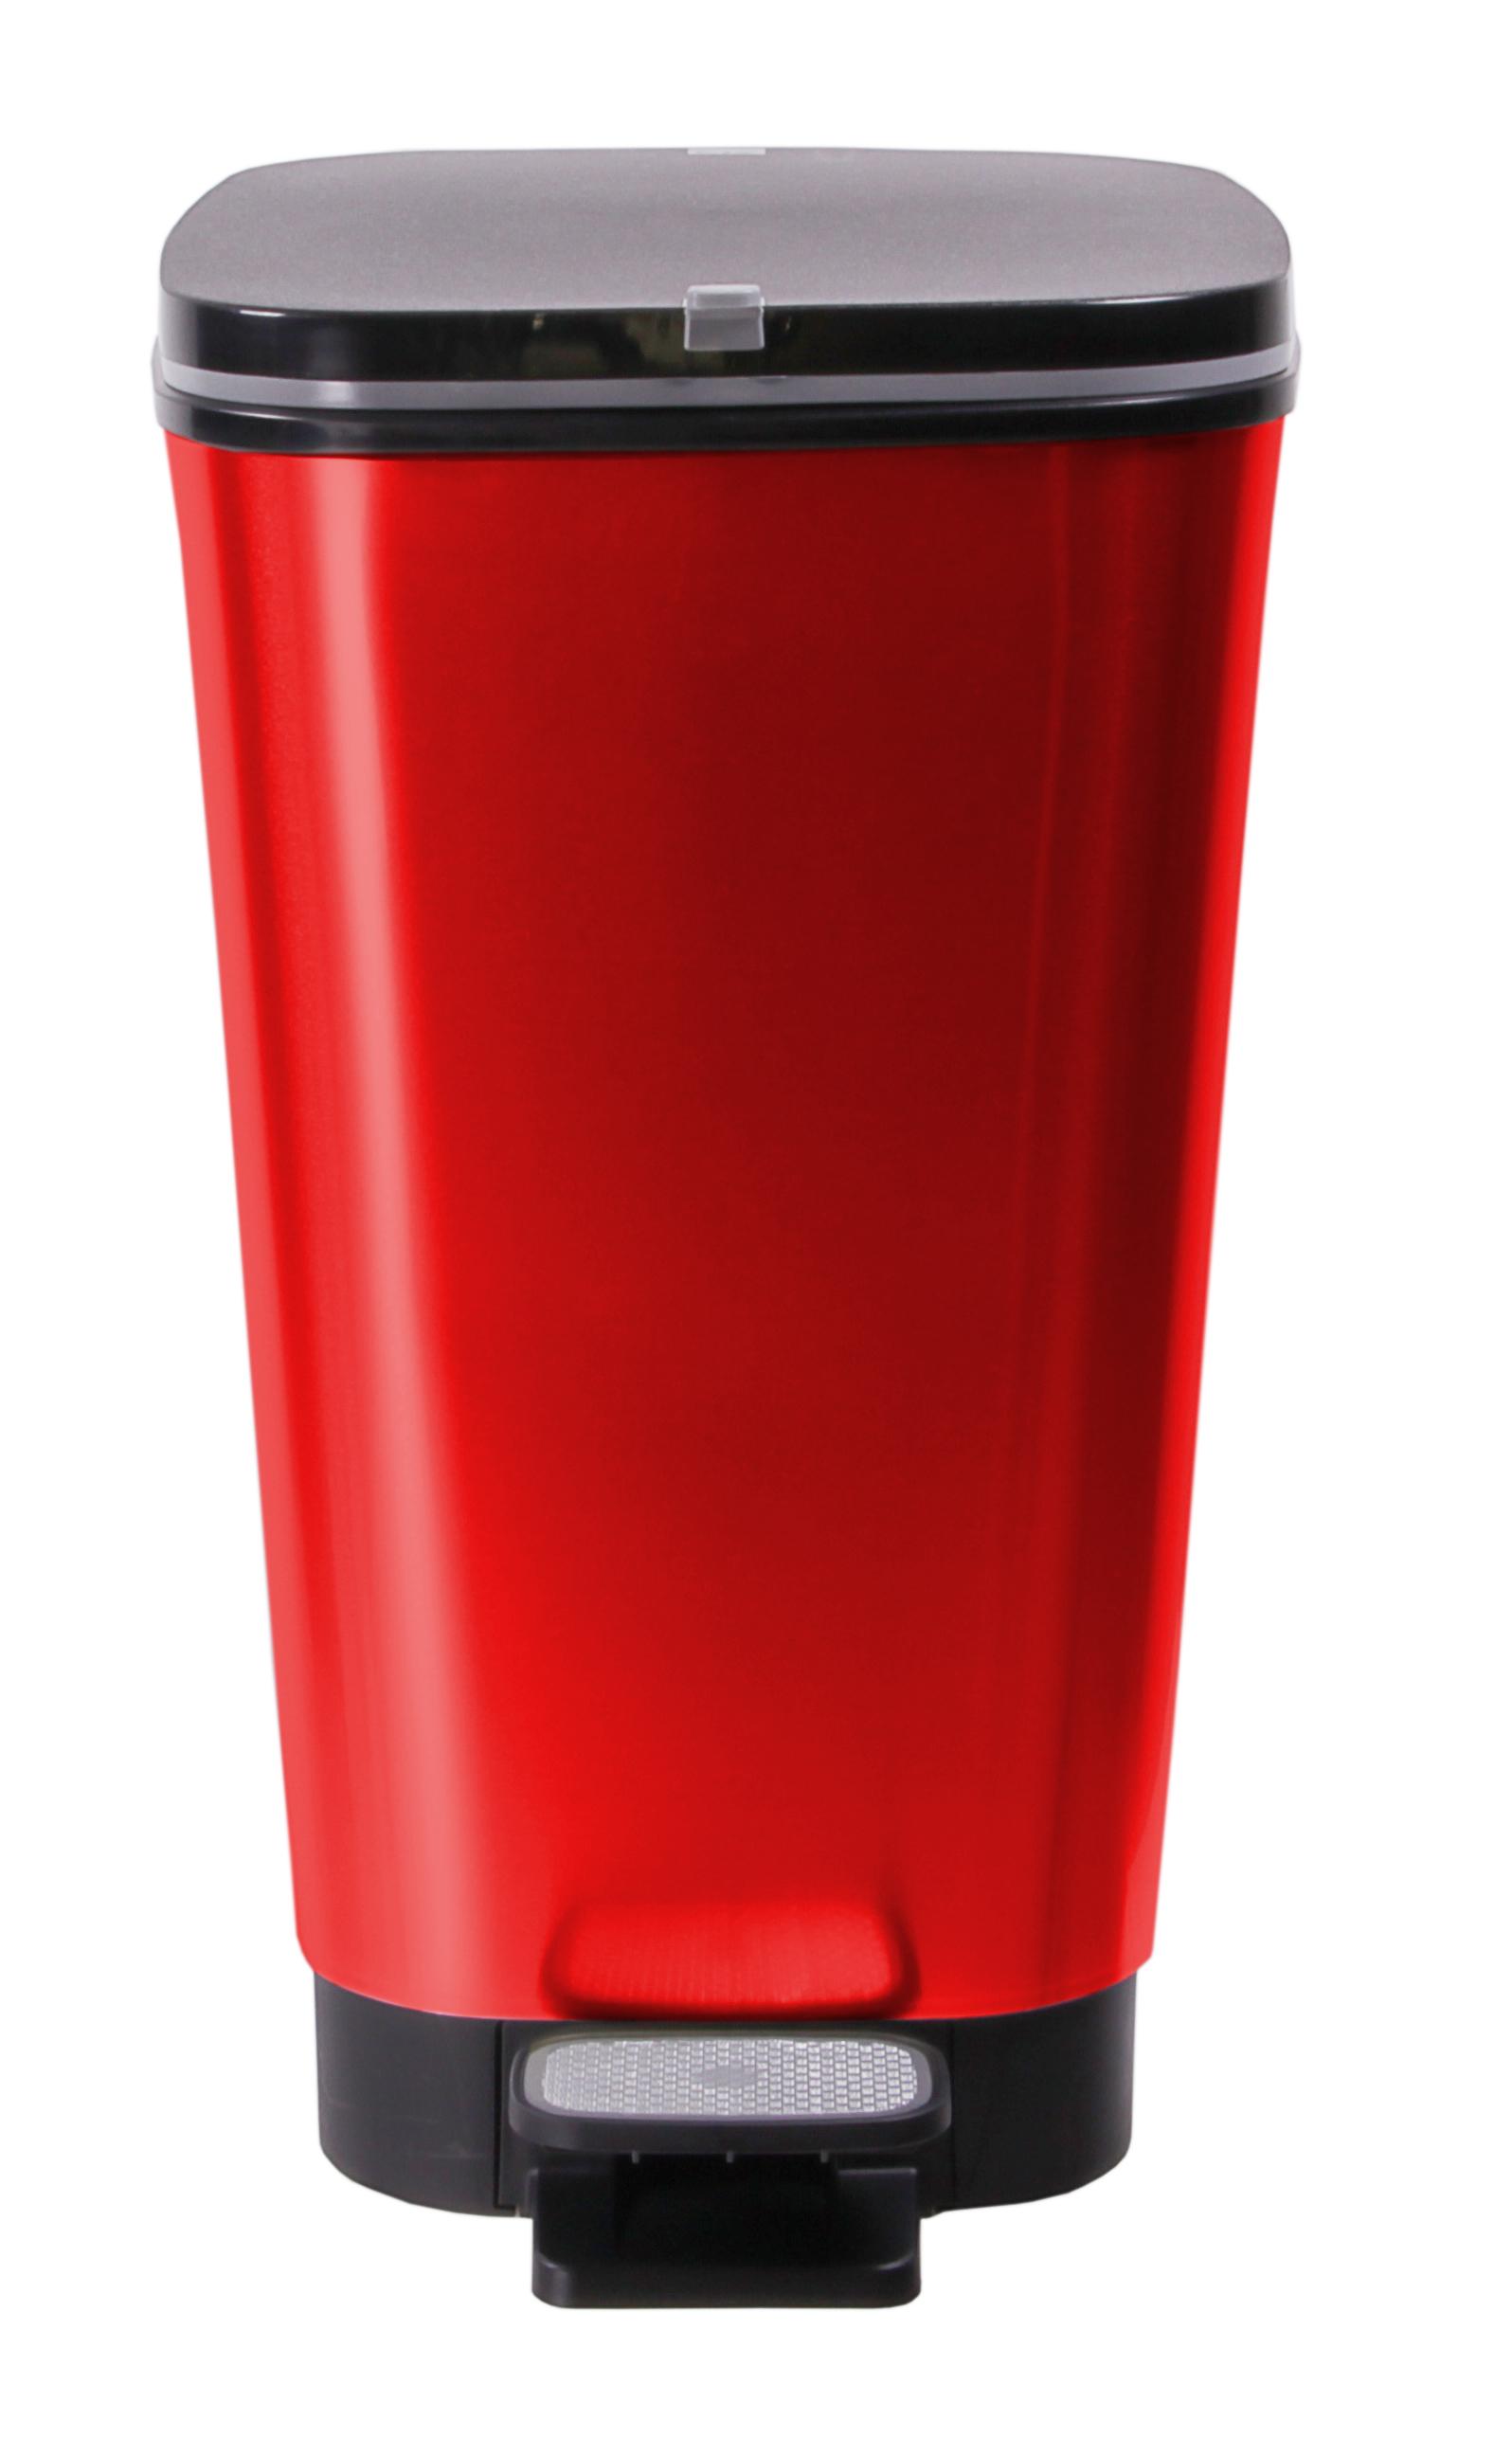 TW24 Abfalleimer 25L mit Farbwahl Abfallbeh/älter Kunststoff M/ülleimer Abfallbeh/älter mit Deckel M/üllsammler Beige